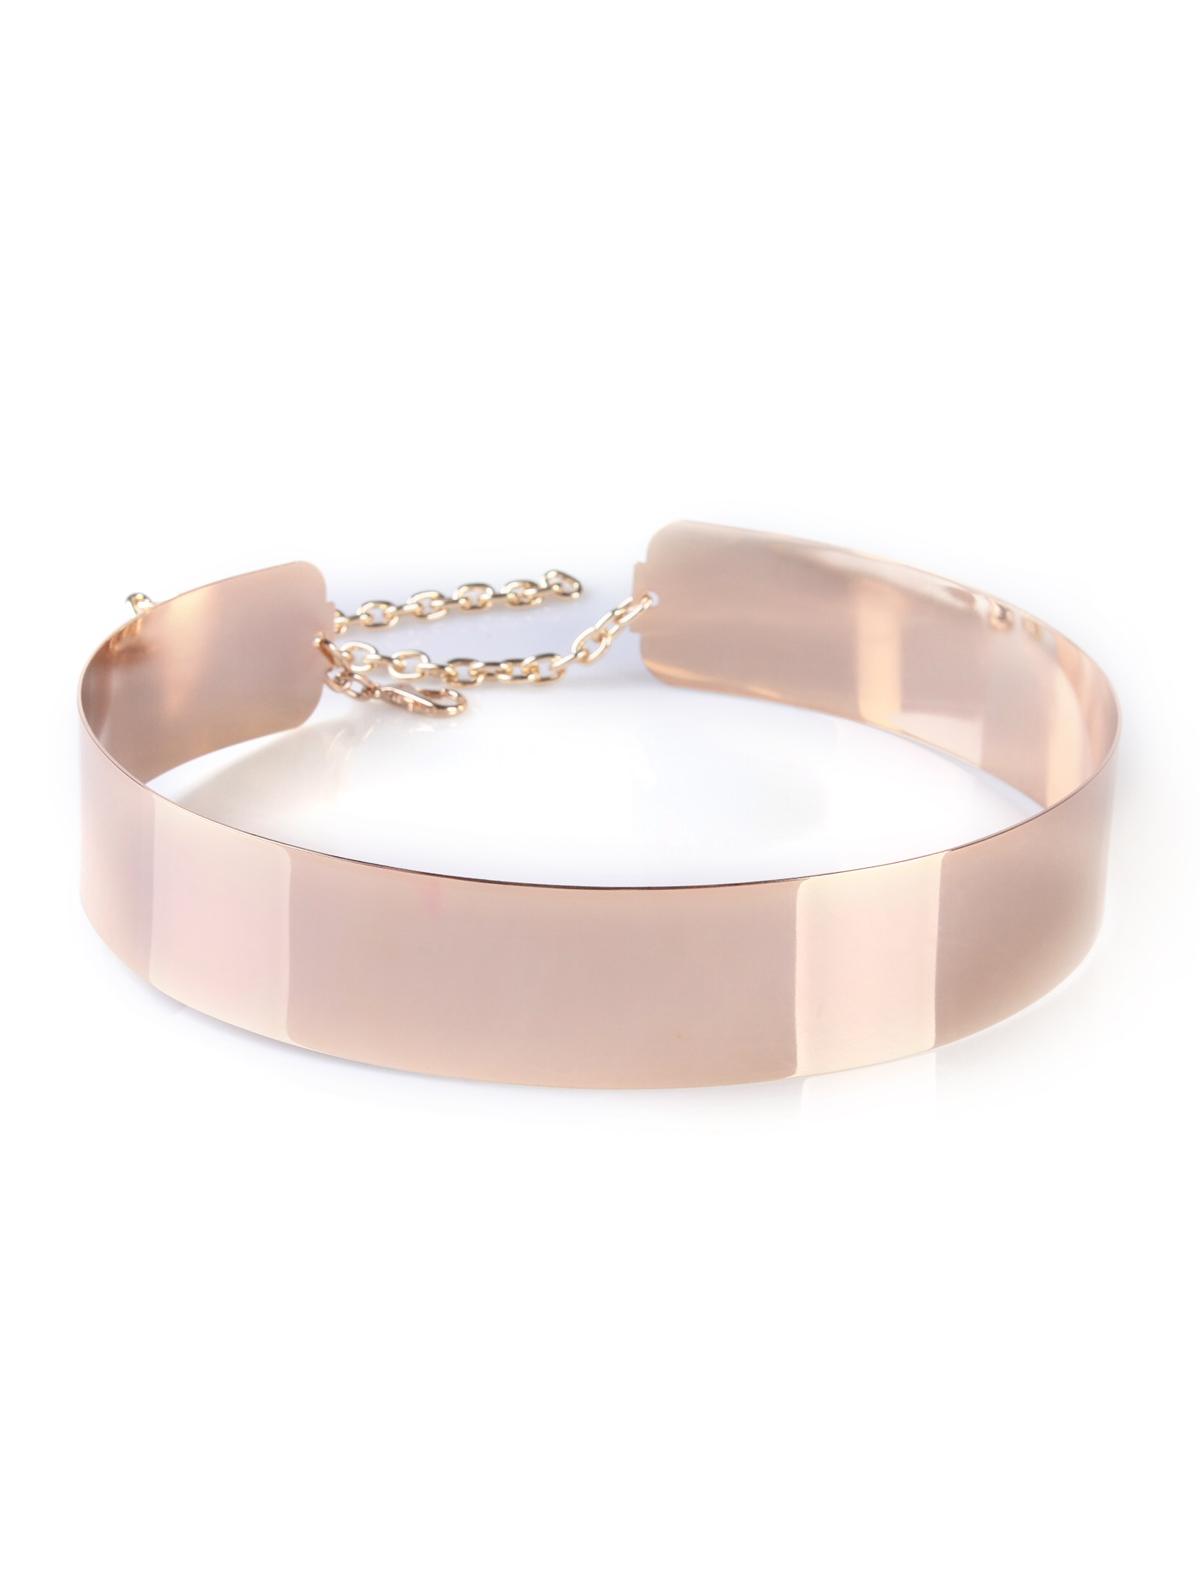 Mirrored Metal Waist Belt